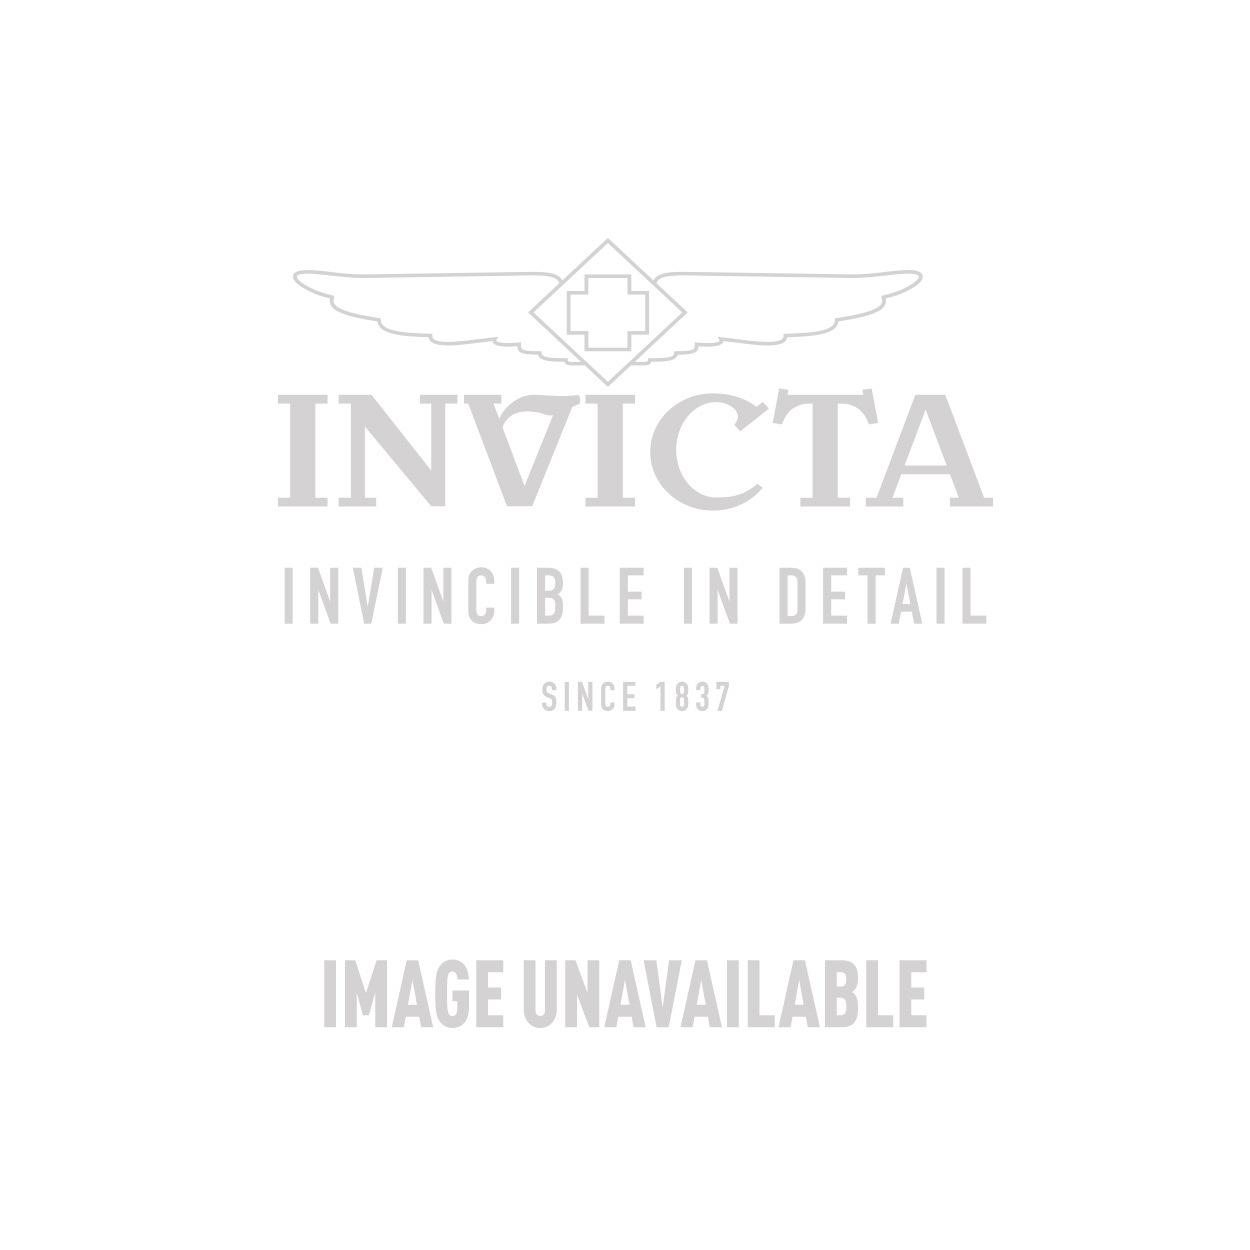 Invicta Model 25054